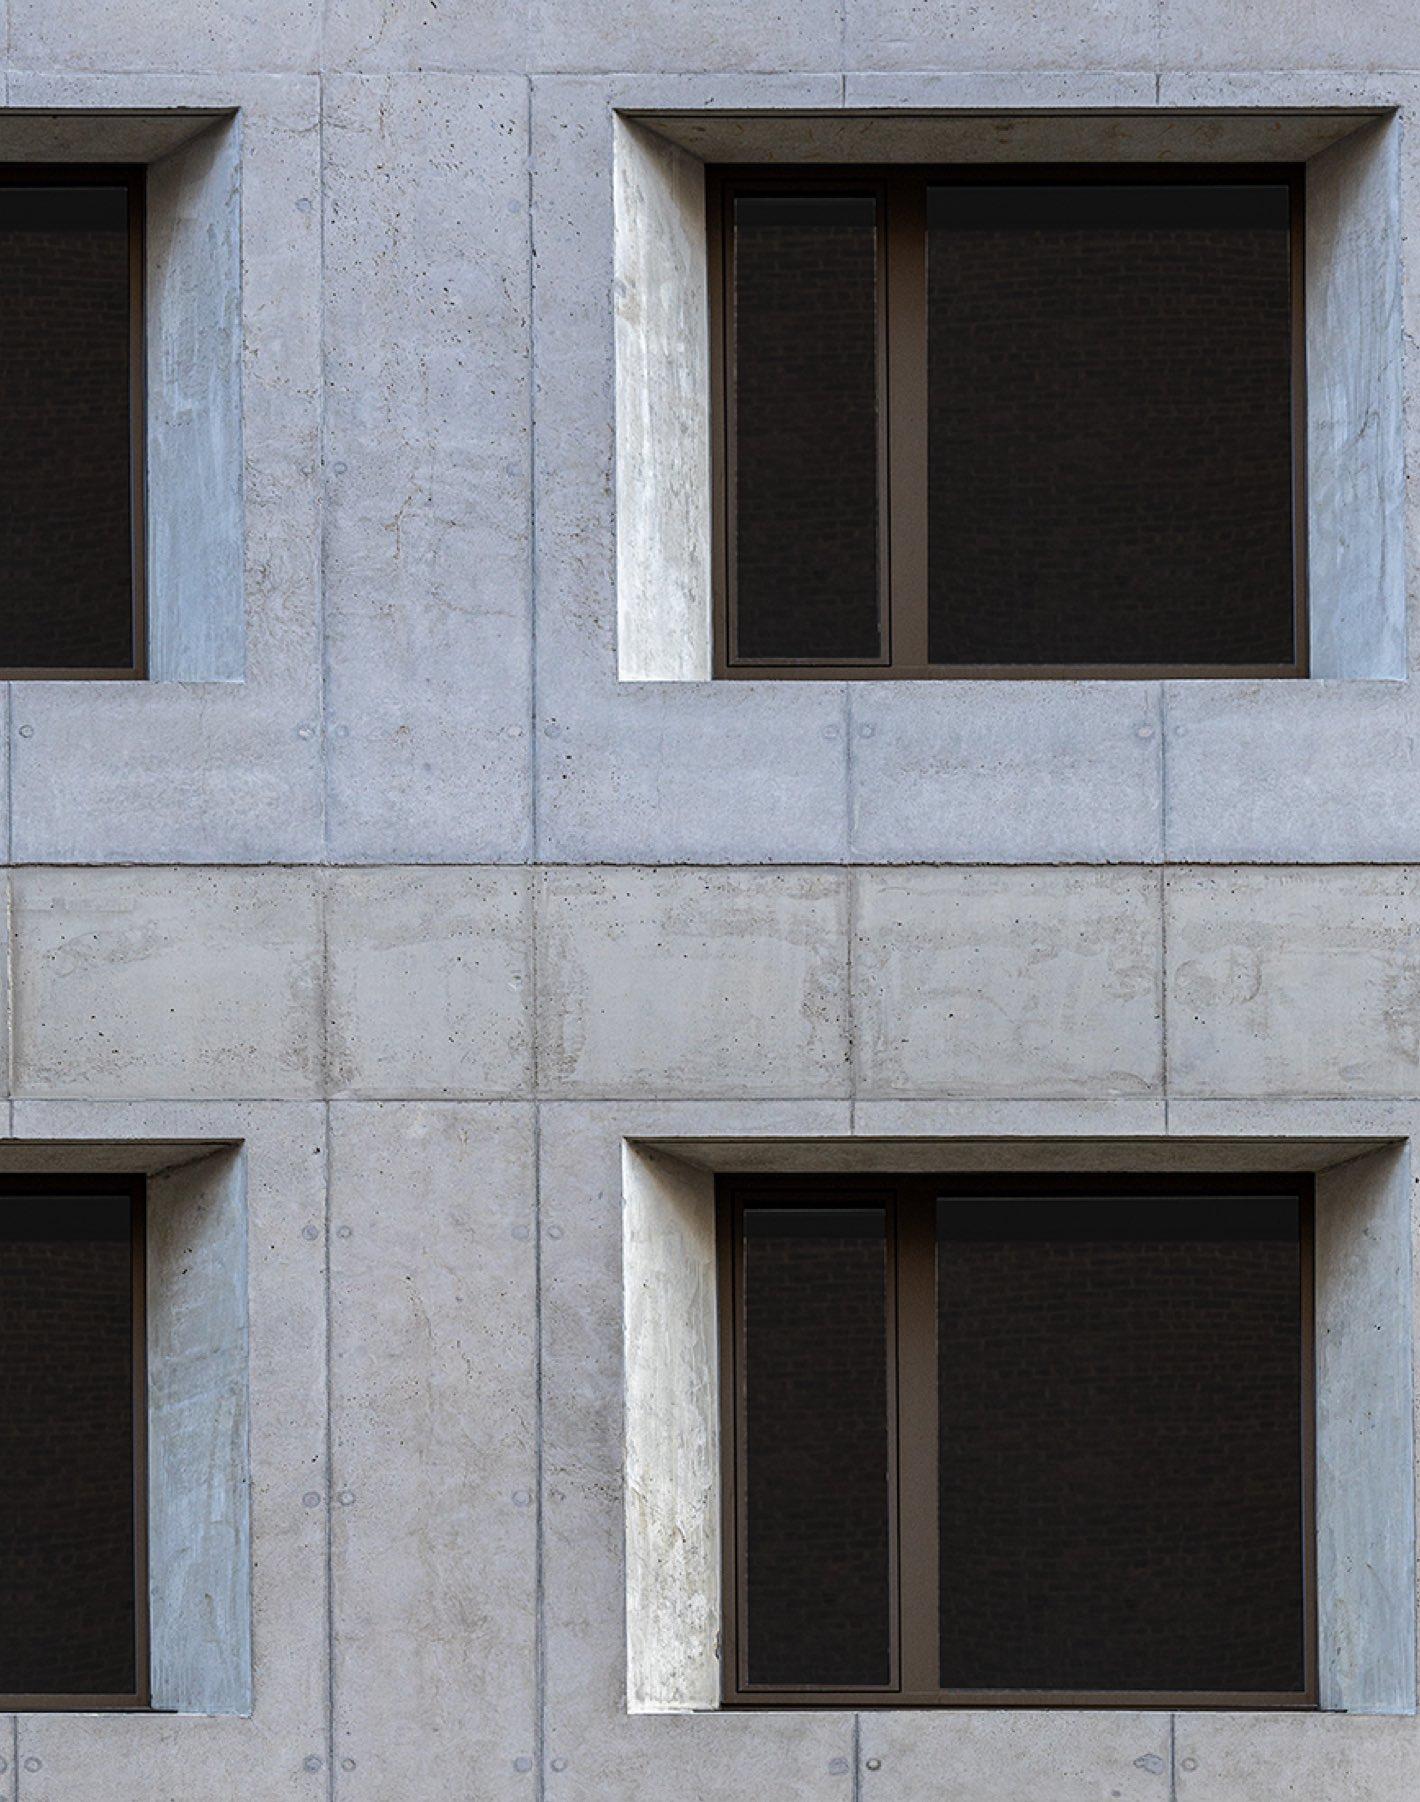 532 W 20 facade windows